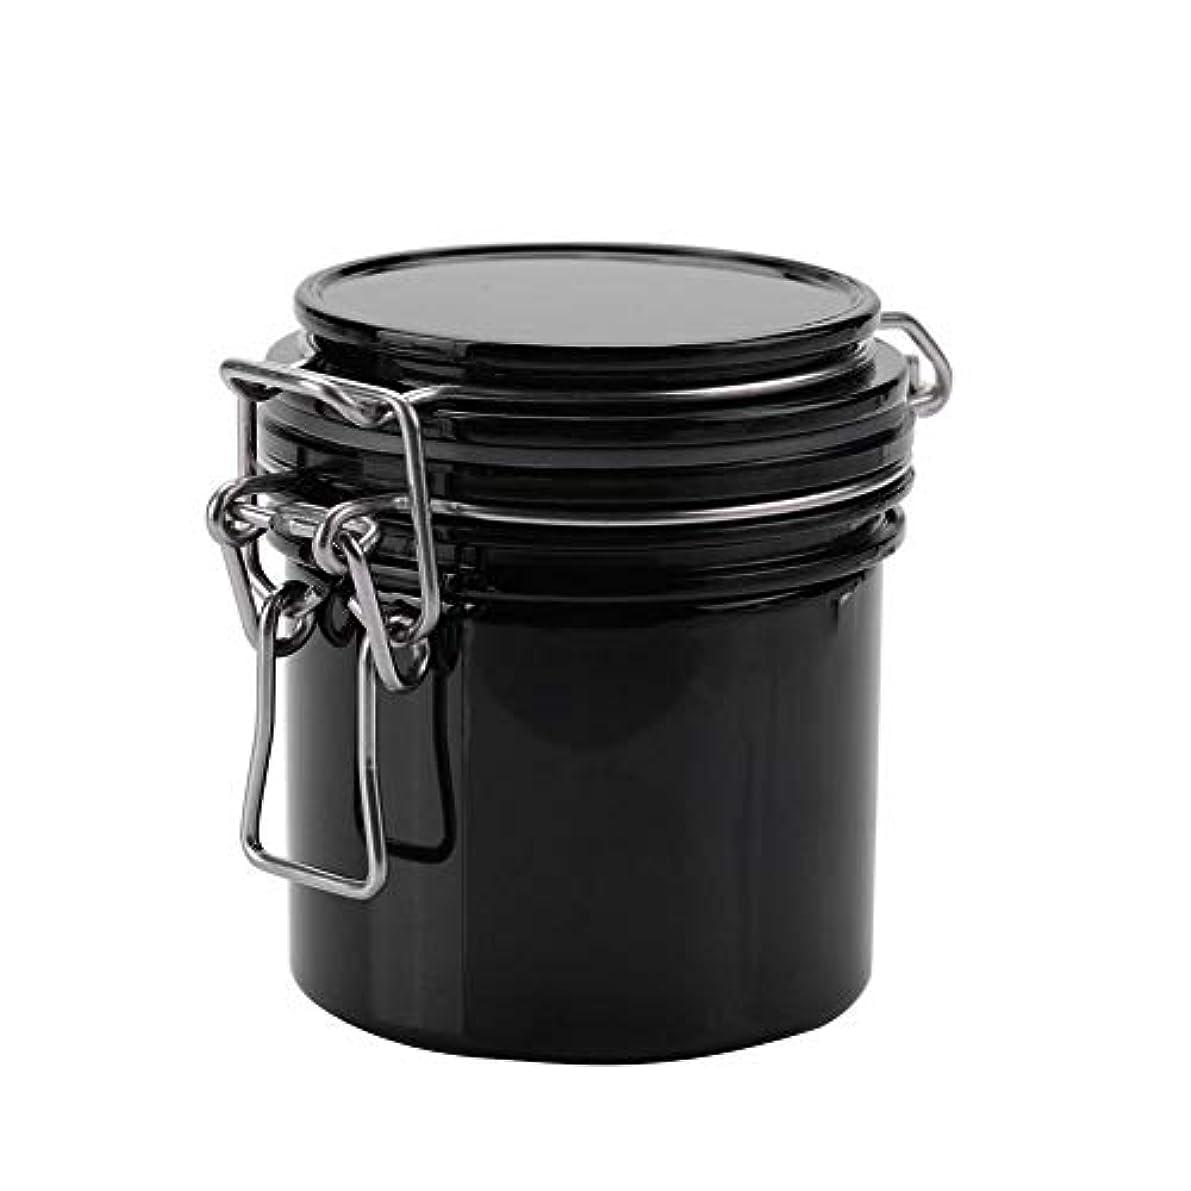 好む中級害虫まつげのり収納瓶 再利用可能で密封 収納瓶 乾燥を防ぐために、つけまつげエクステンションや化粧に最適